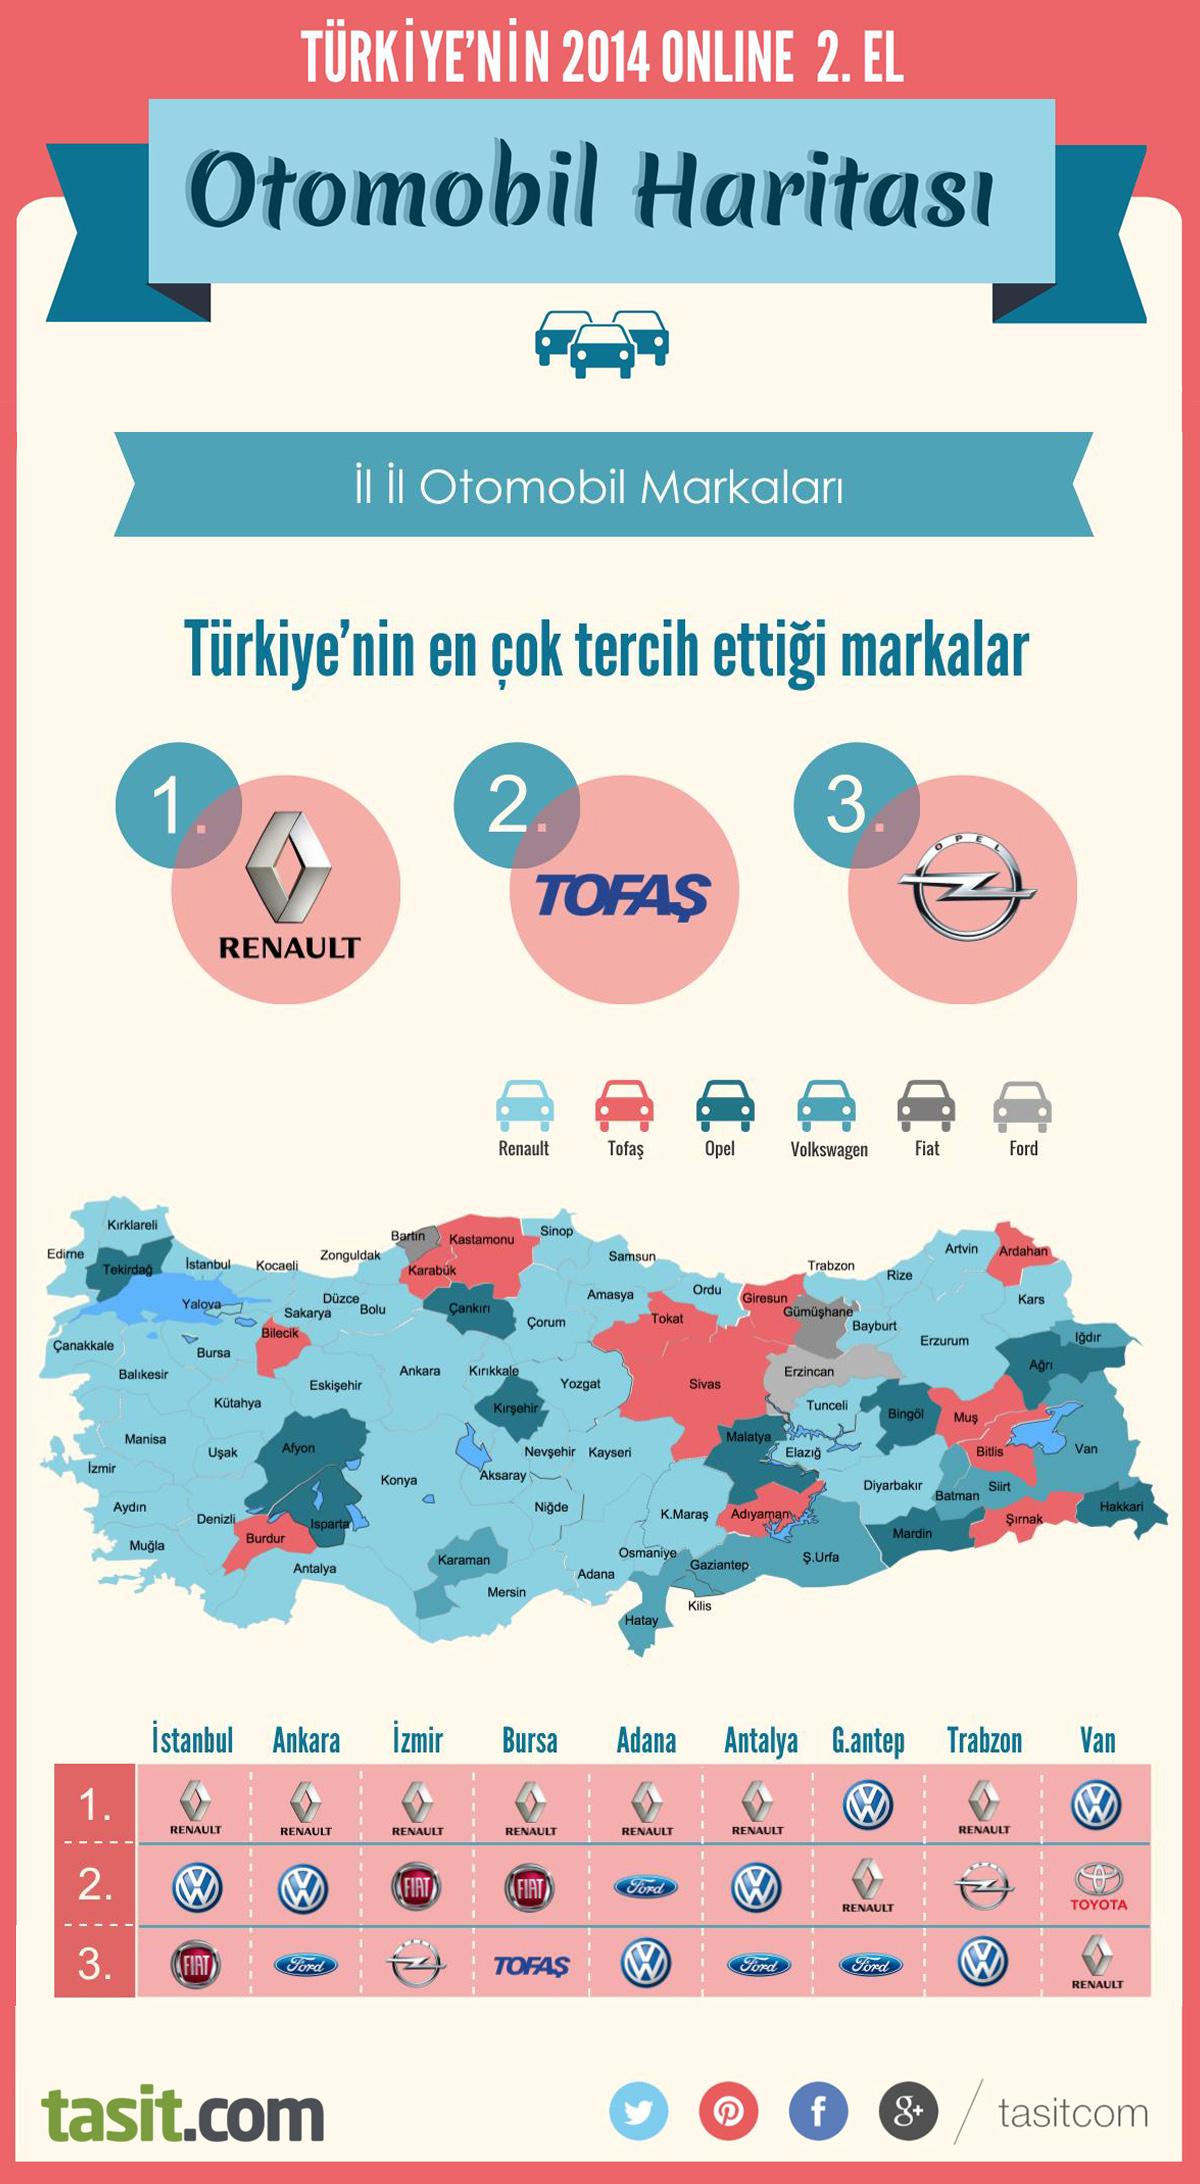 Renault, Türkiye'de 2014'te ikinci elde de en çok tercih edilen marka oldu.